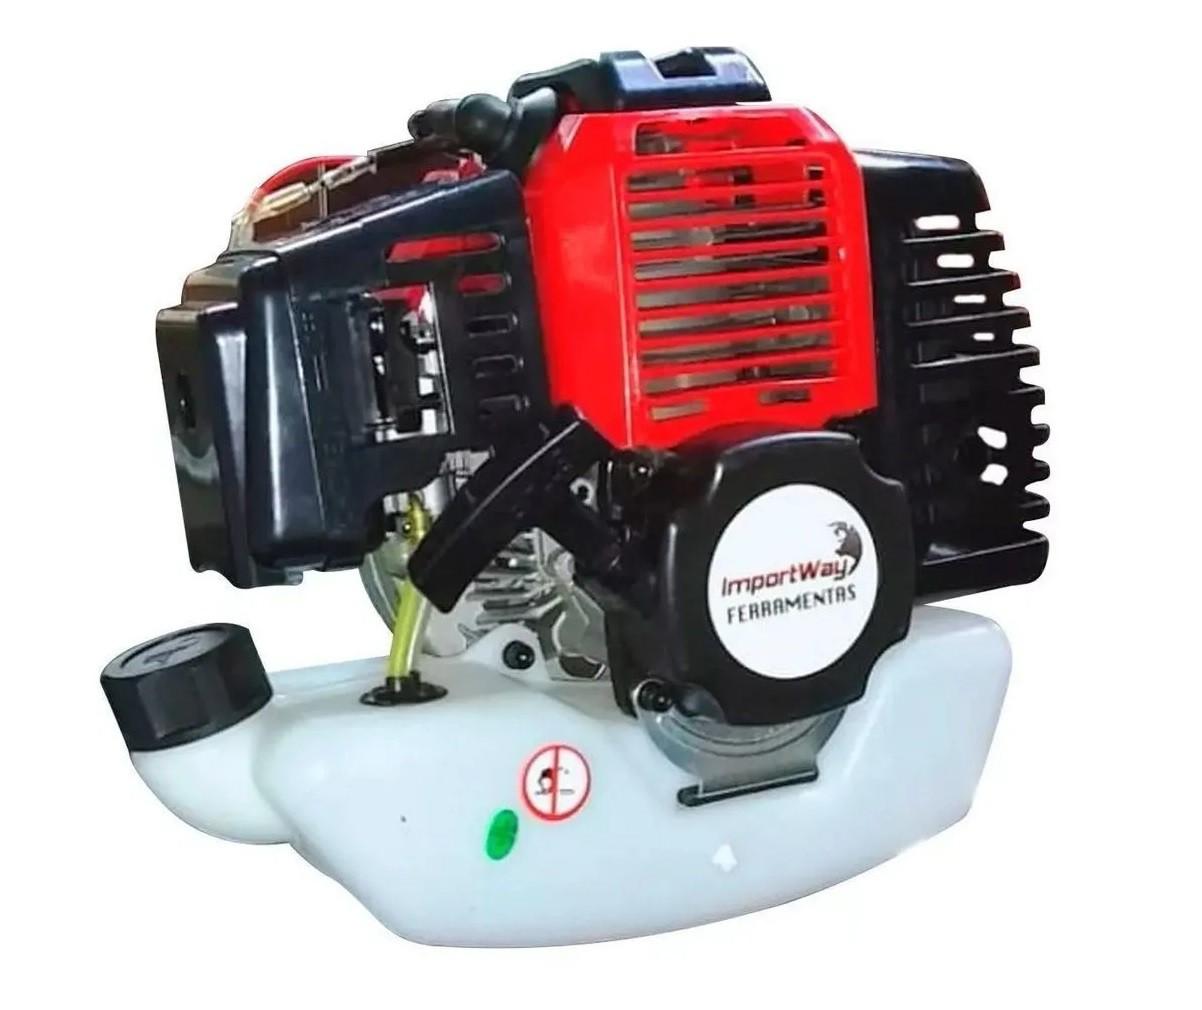 Roçadeira Bipartida À Gasolina Profissional 58cc - Importway